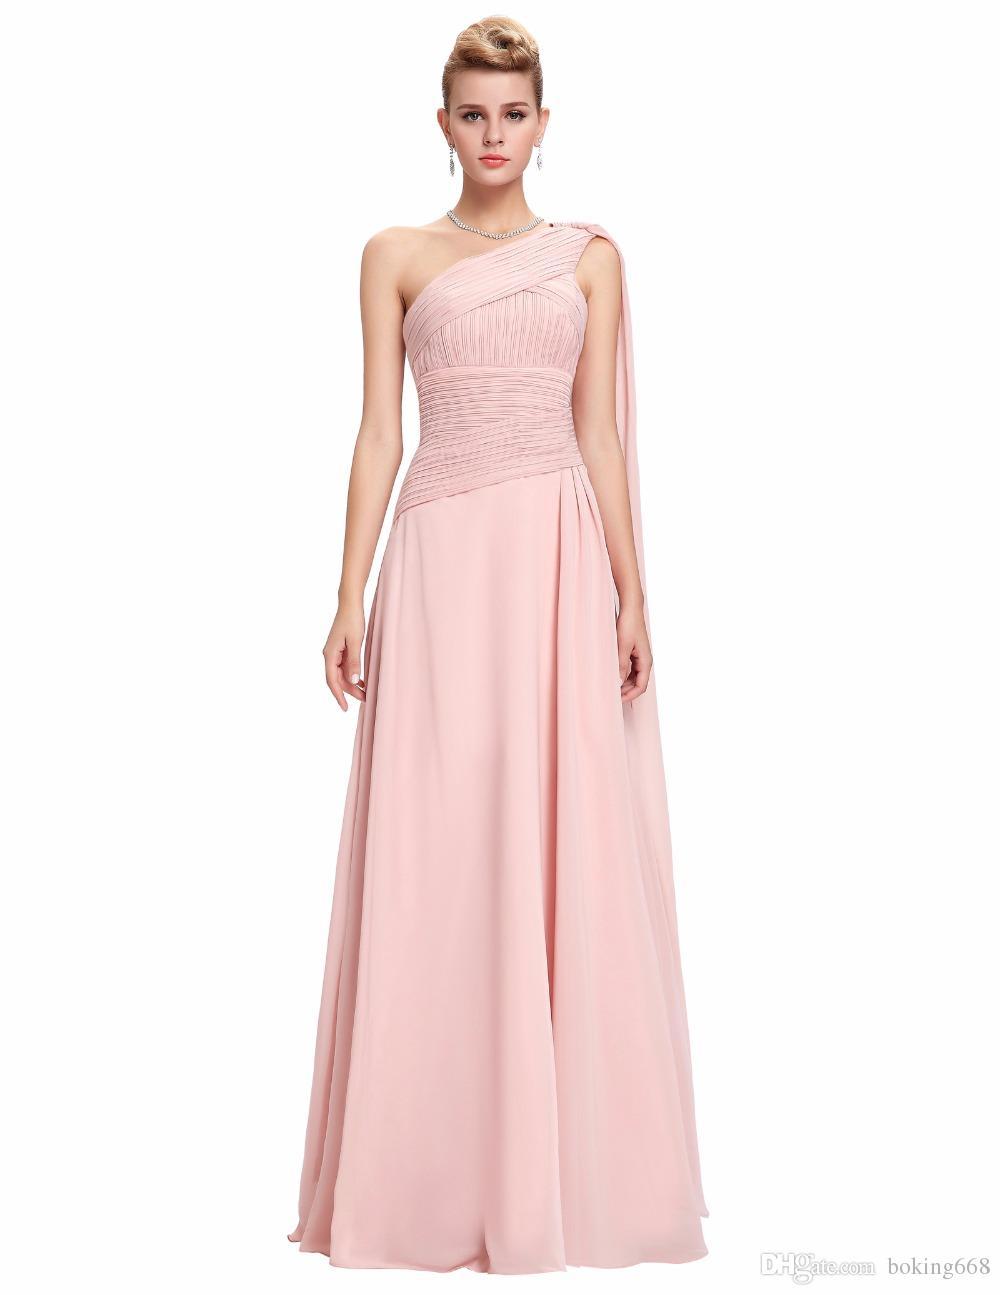 b490aba075426 Satın Al Pembe Uzun Tek Omuz Gelinlik Modelleri 2019 Dantel Bayanlar Resmi  Elbise Kolsuz Arapça Streamer Ünlüler Balo Elbise Parti Spe ..., $66.18 |  DHgate.